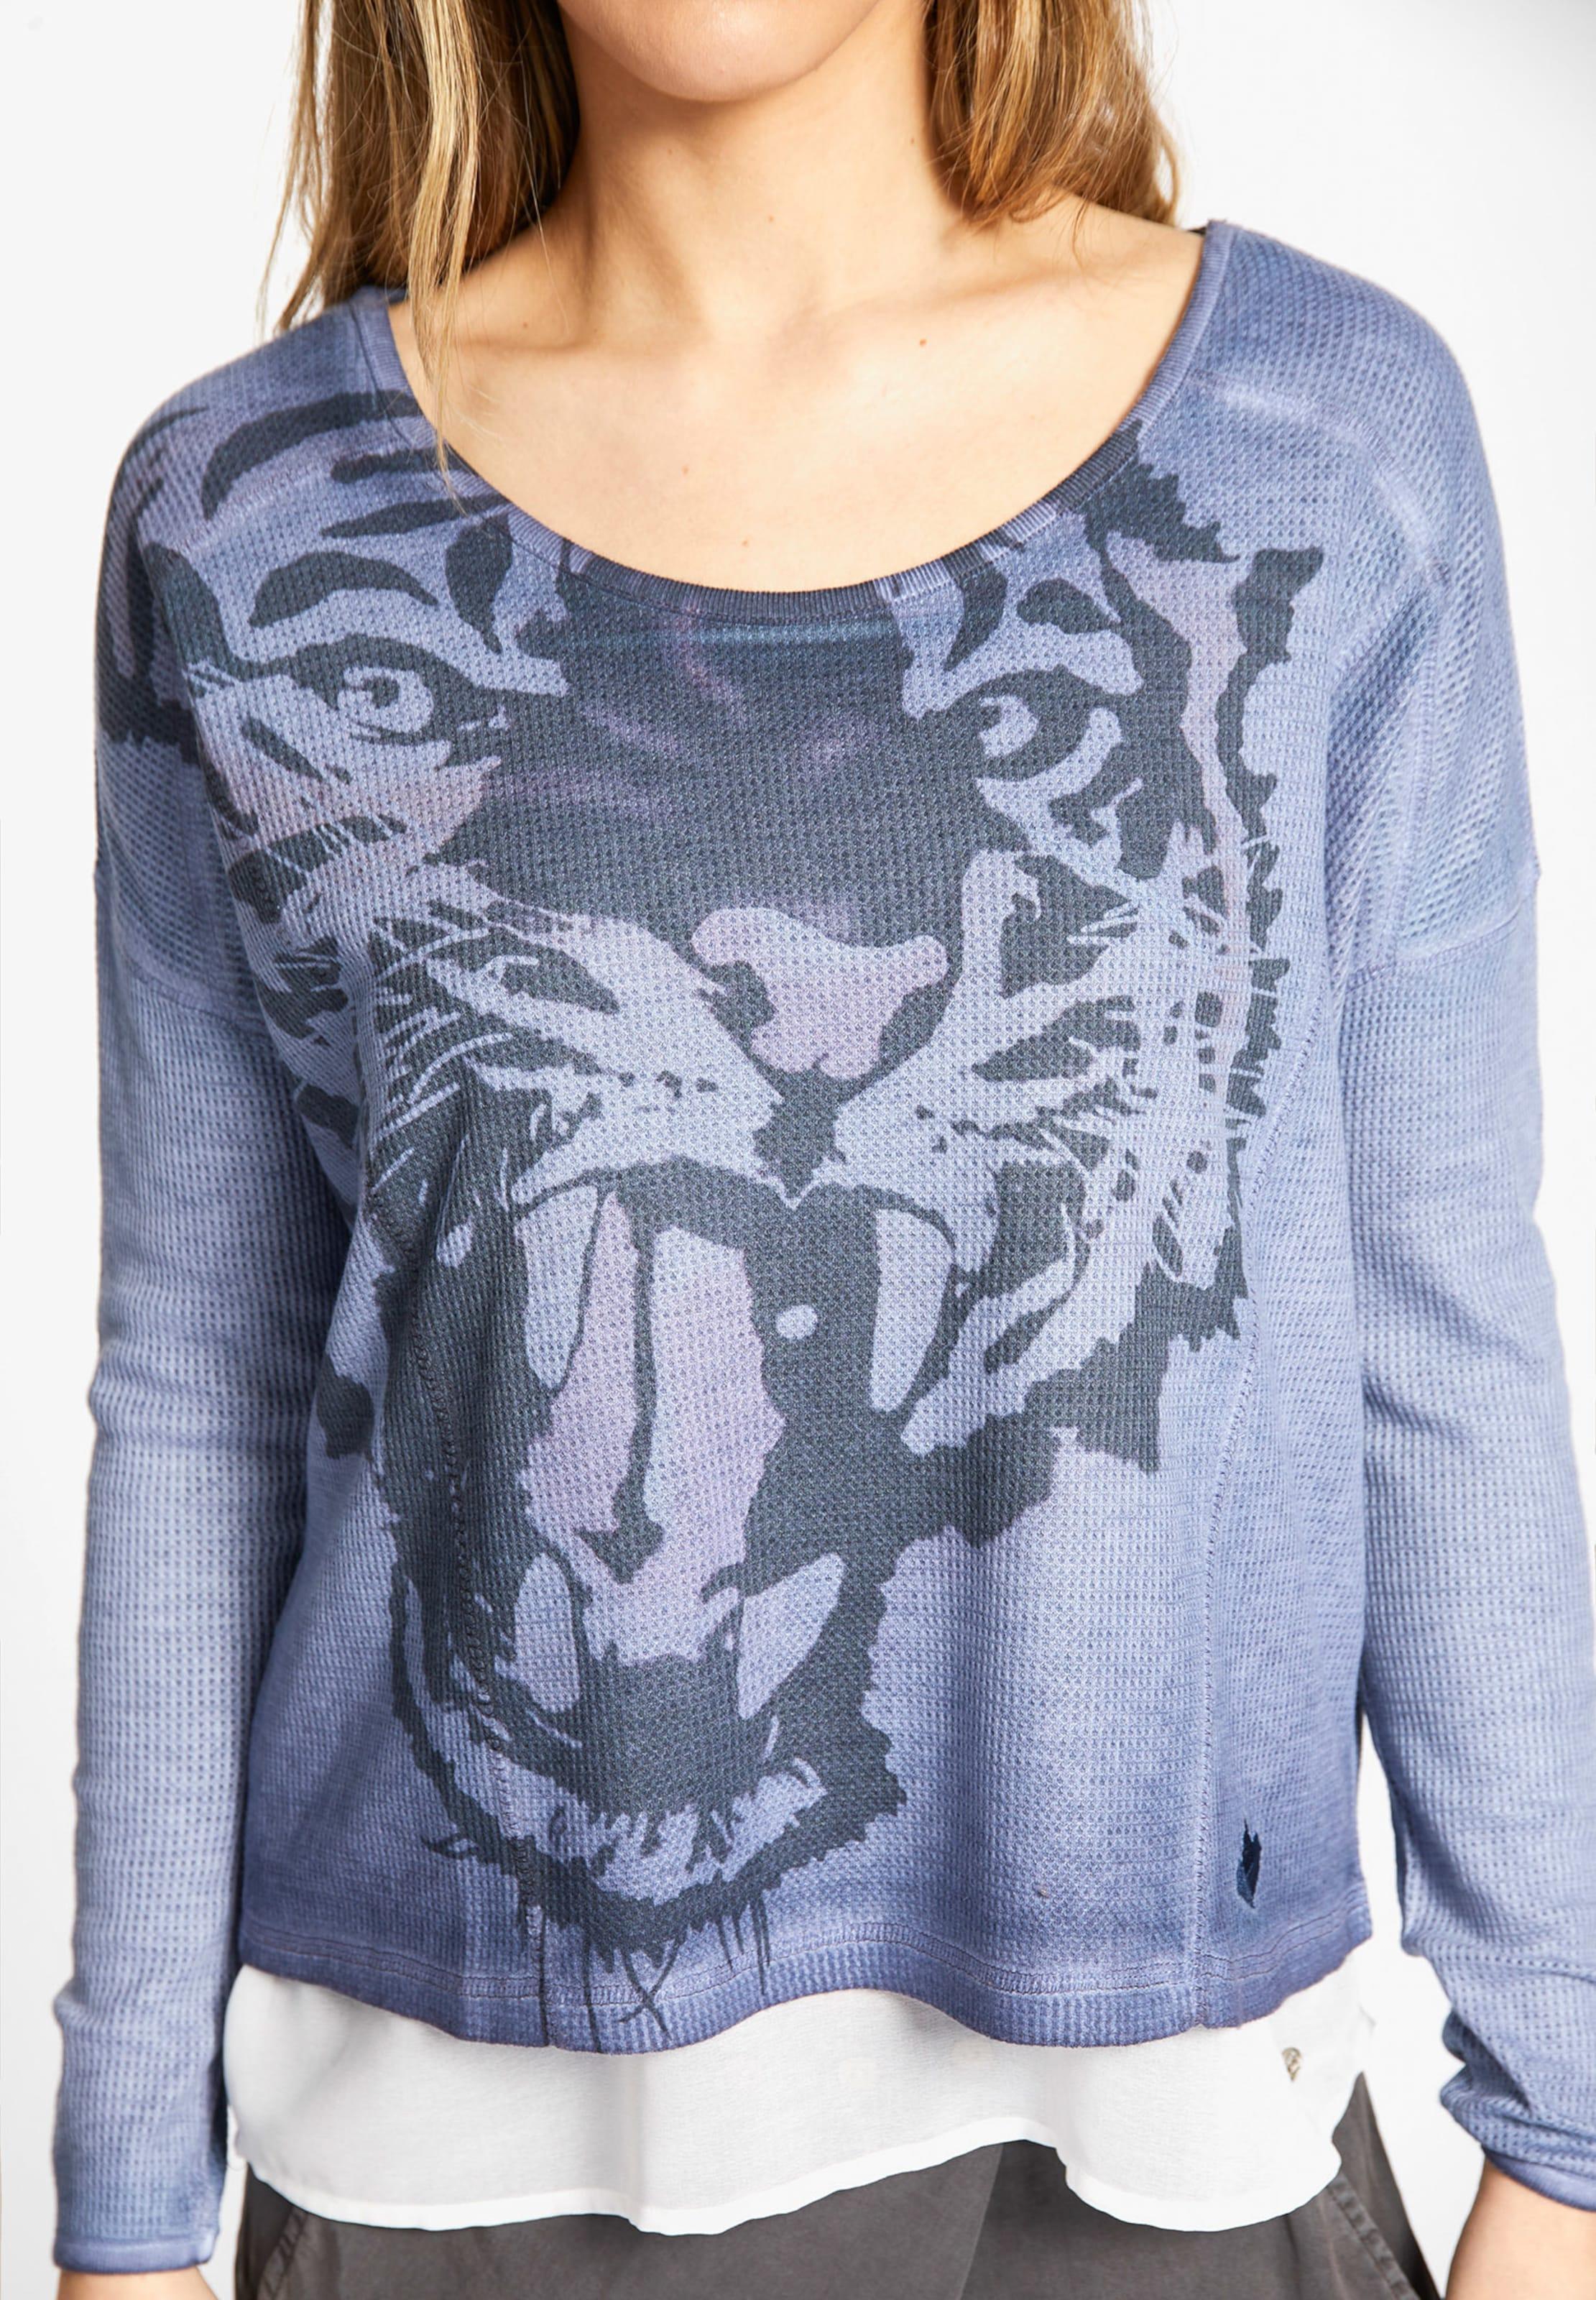 'amadea' 'amadea' Shirt Shirt In HellblauDunkelblau Khujo Khujo e9DH2IWbEY